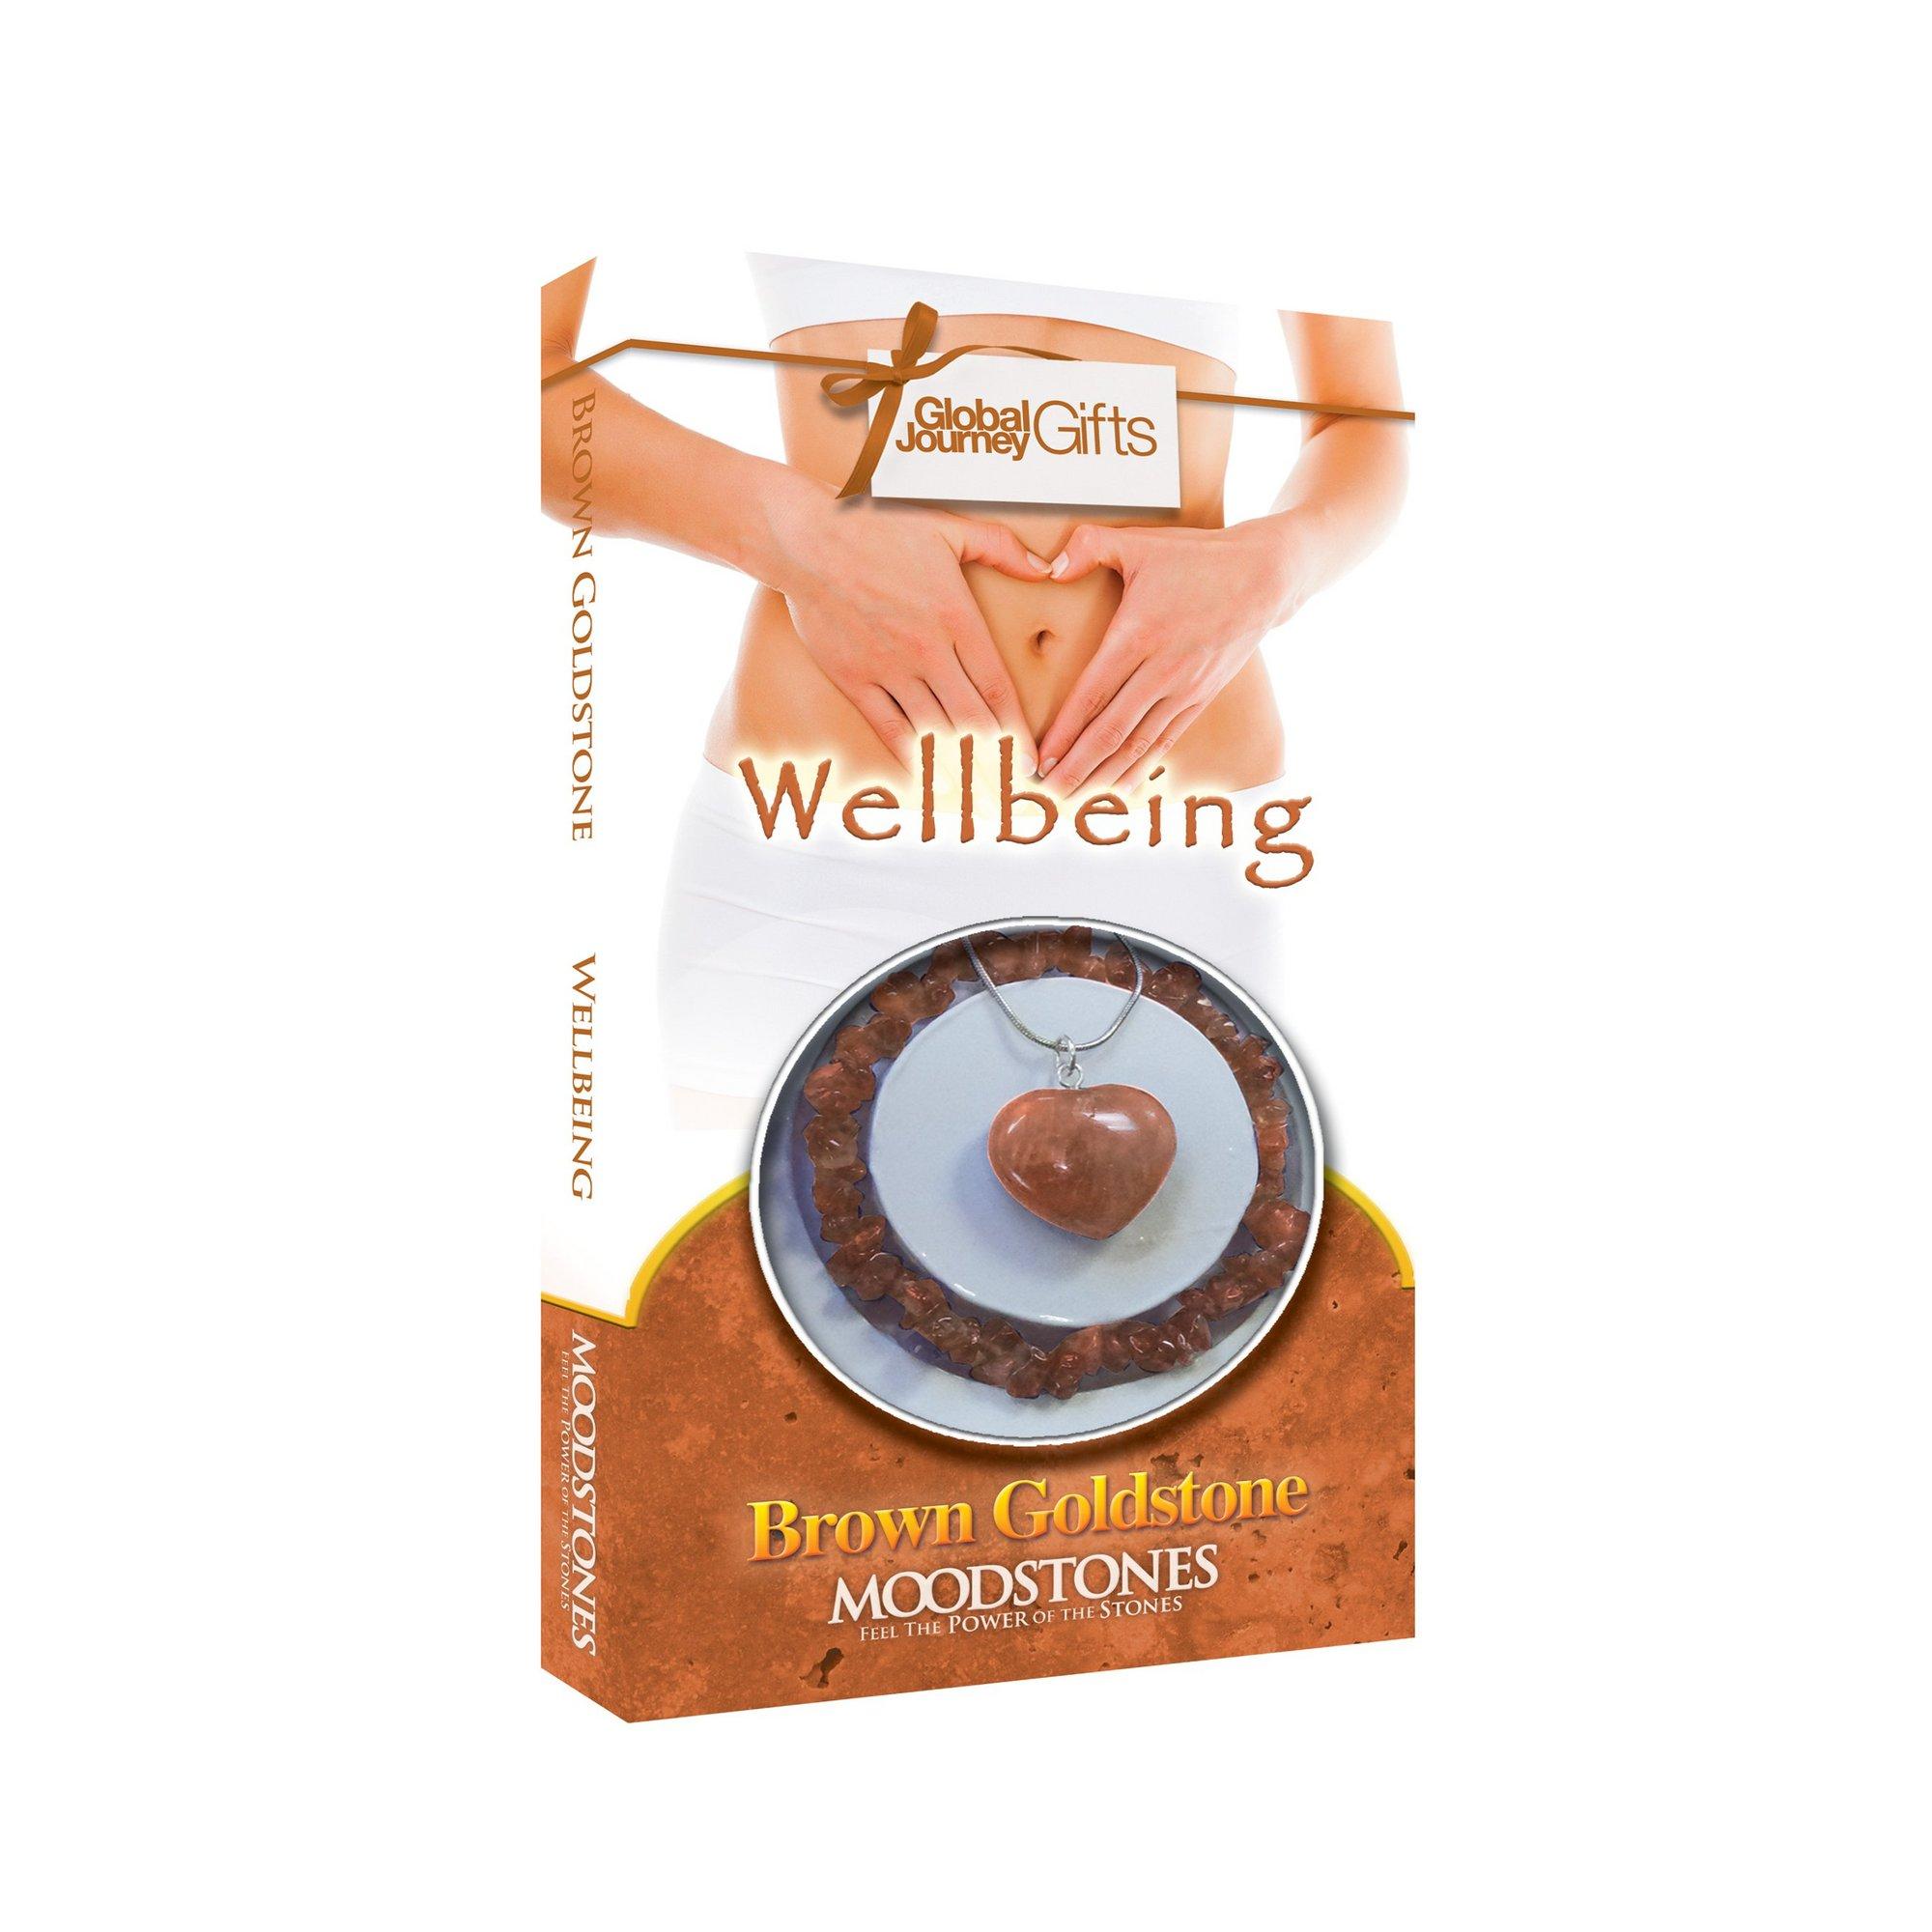 Image of Wellbeing Brown Goldstone